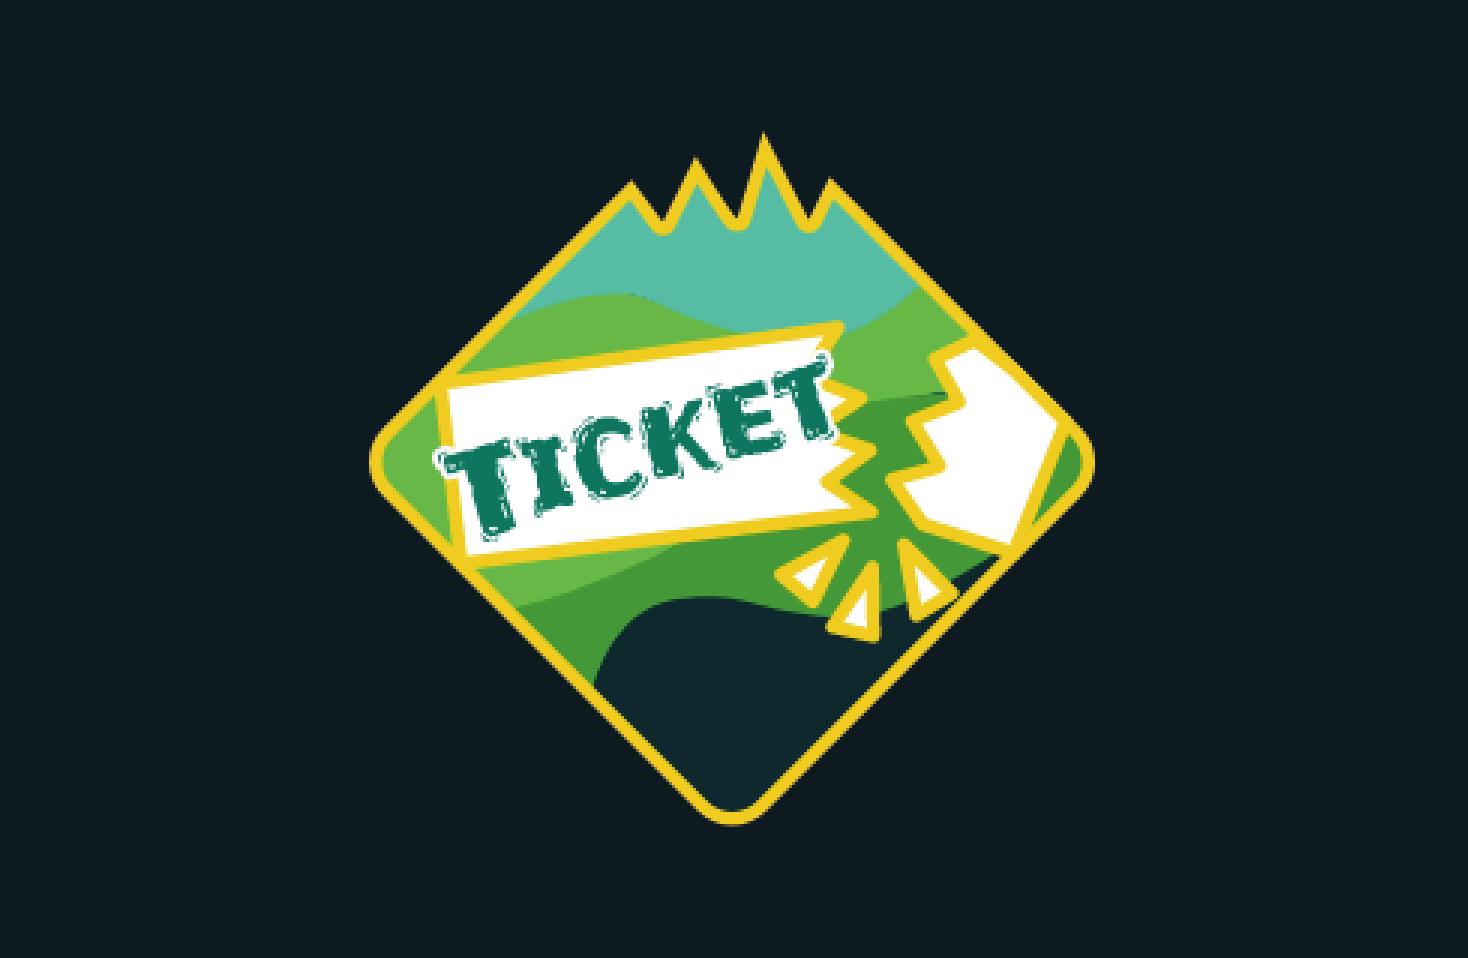 【TICKET】2〜3名様用駐車券 追加受付スタート!